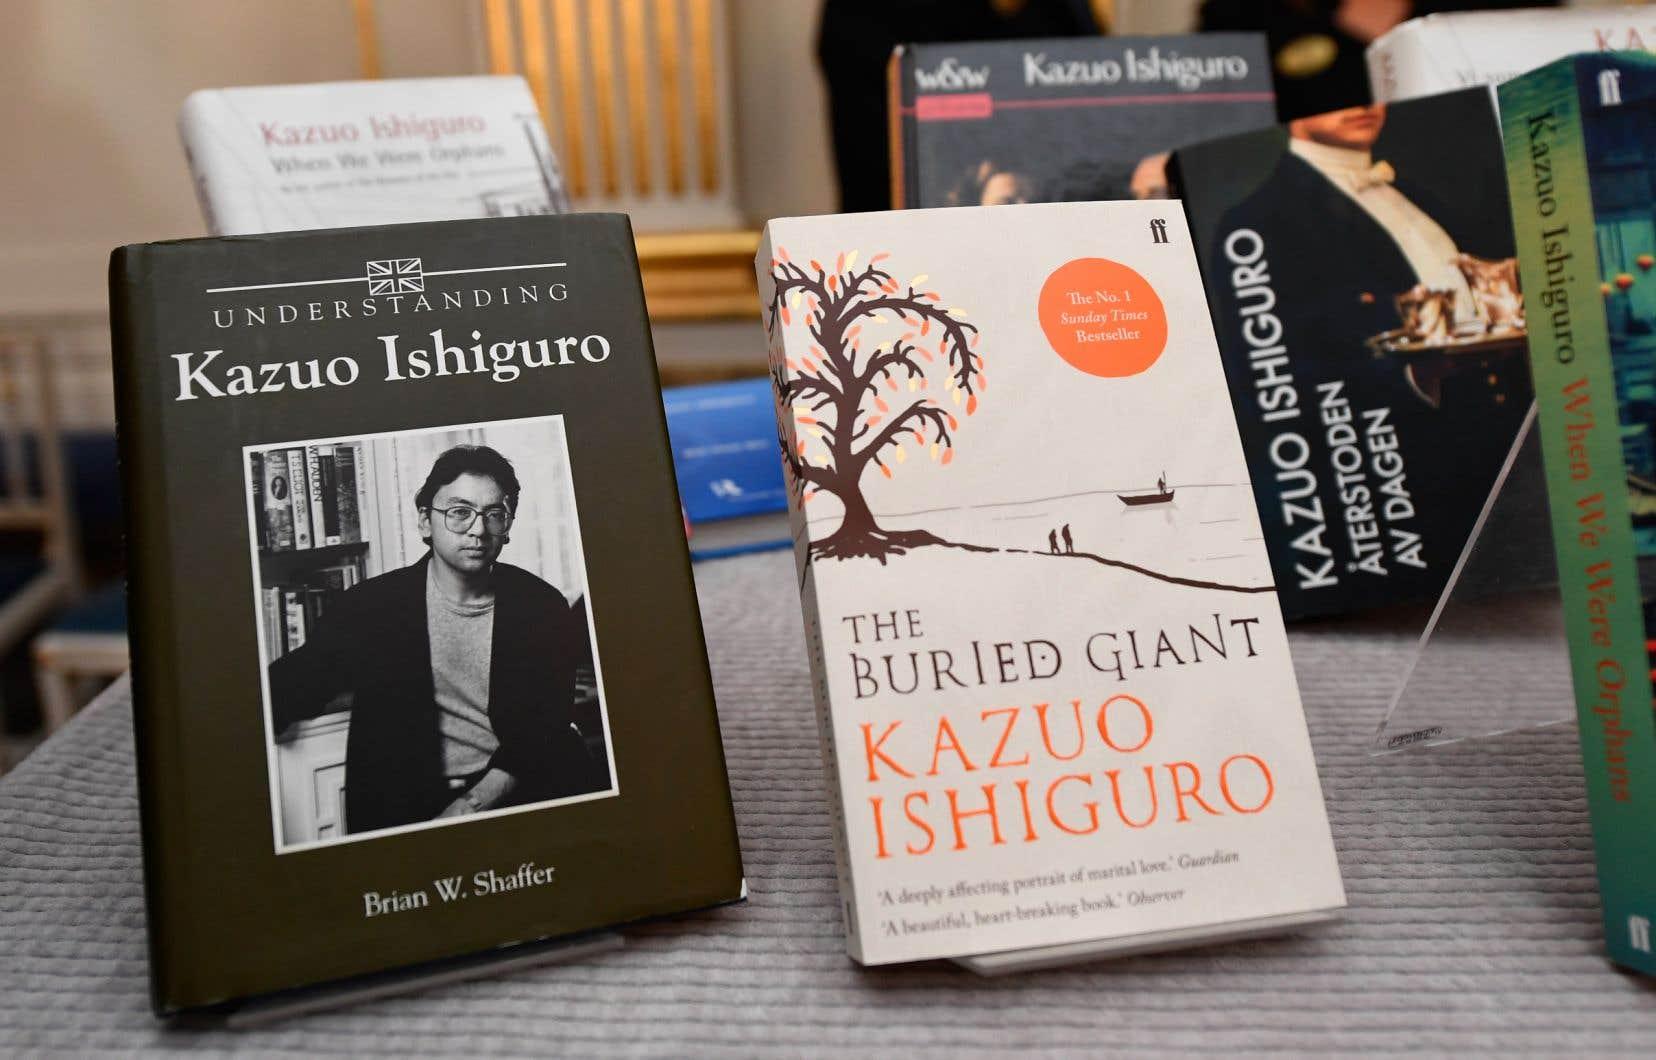 Le prix Nobel de littérature récompense l'écrivain britannique d'origine japonaise, Kazuo Ishiguro.